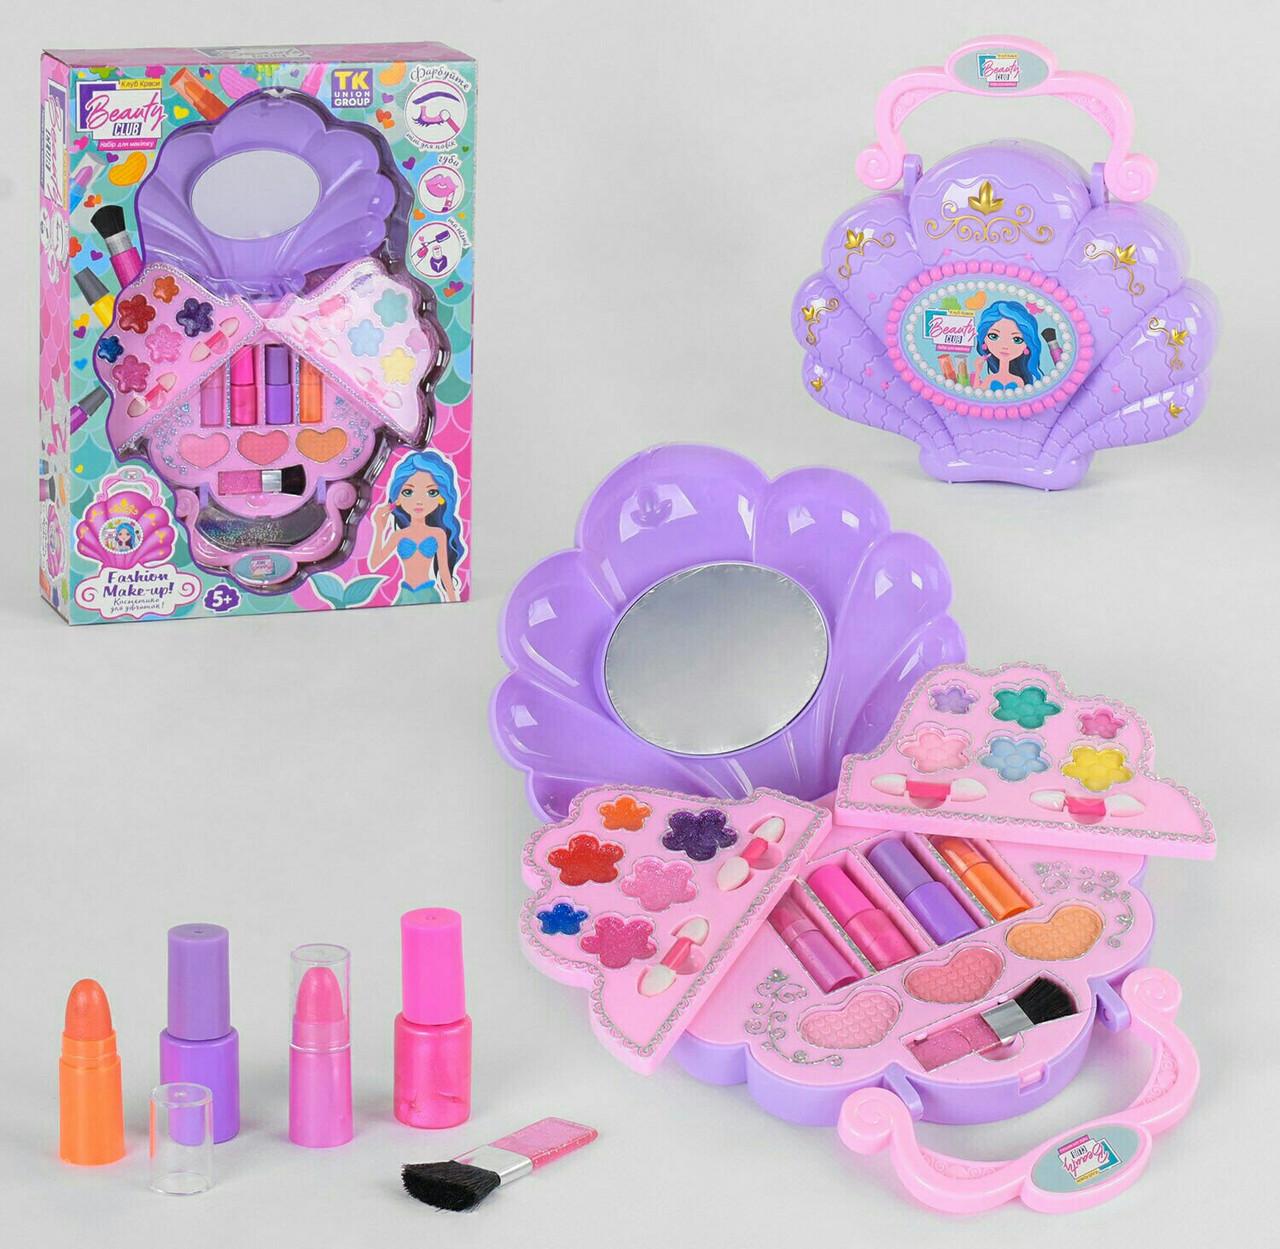 Детский набор косметики 0145,тени, лаки, помада - набор косметики для девочек